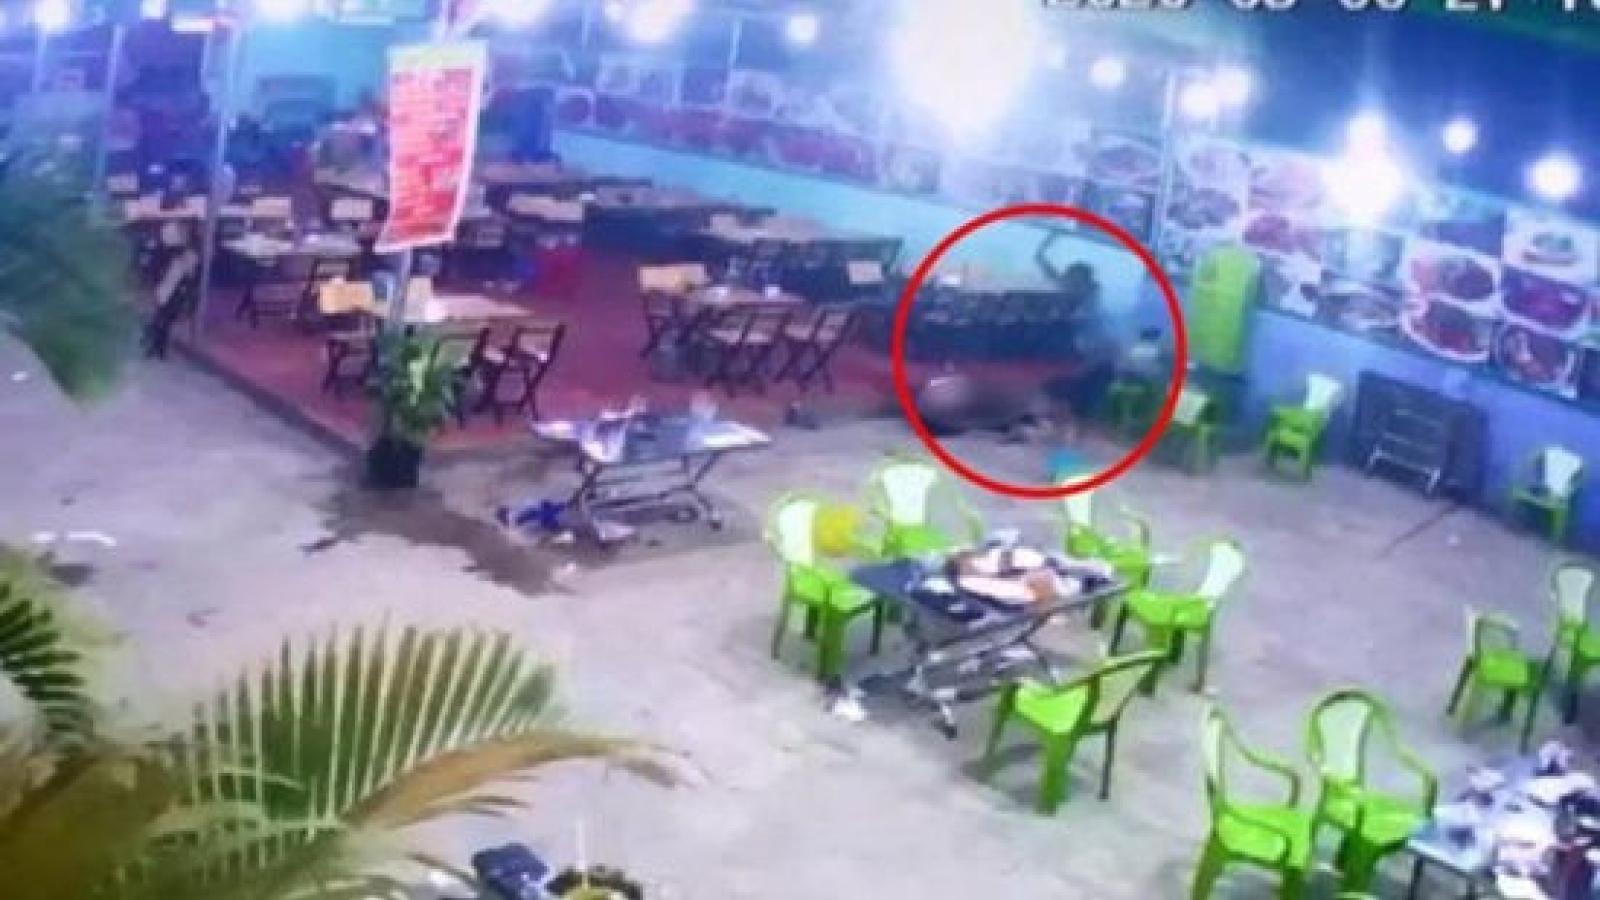 Đi ăn đêm, một thanh niên bất ngờ bị chém tử vong